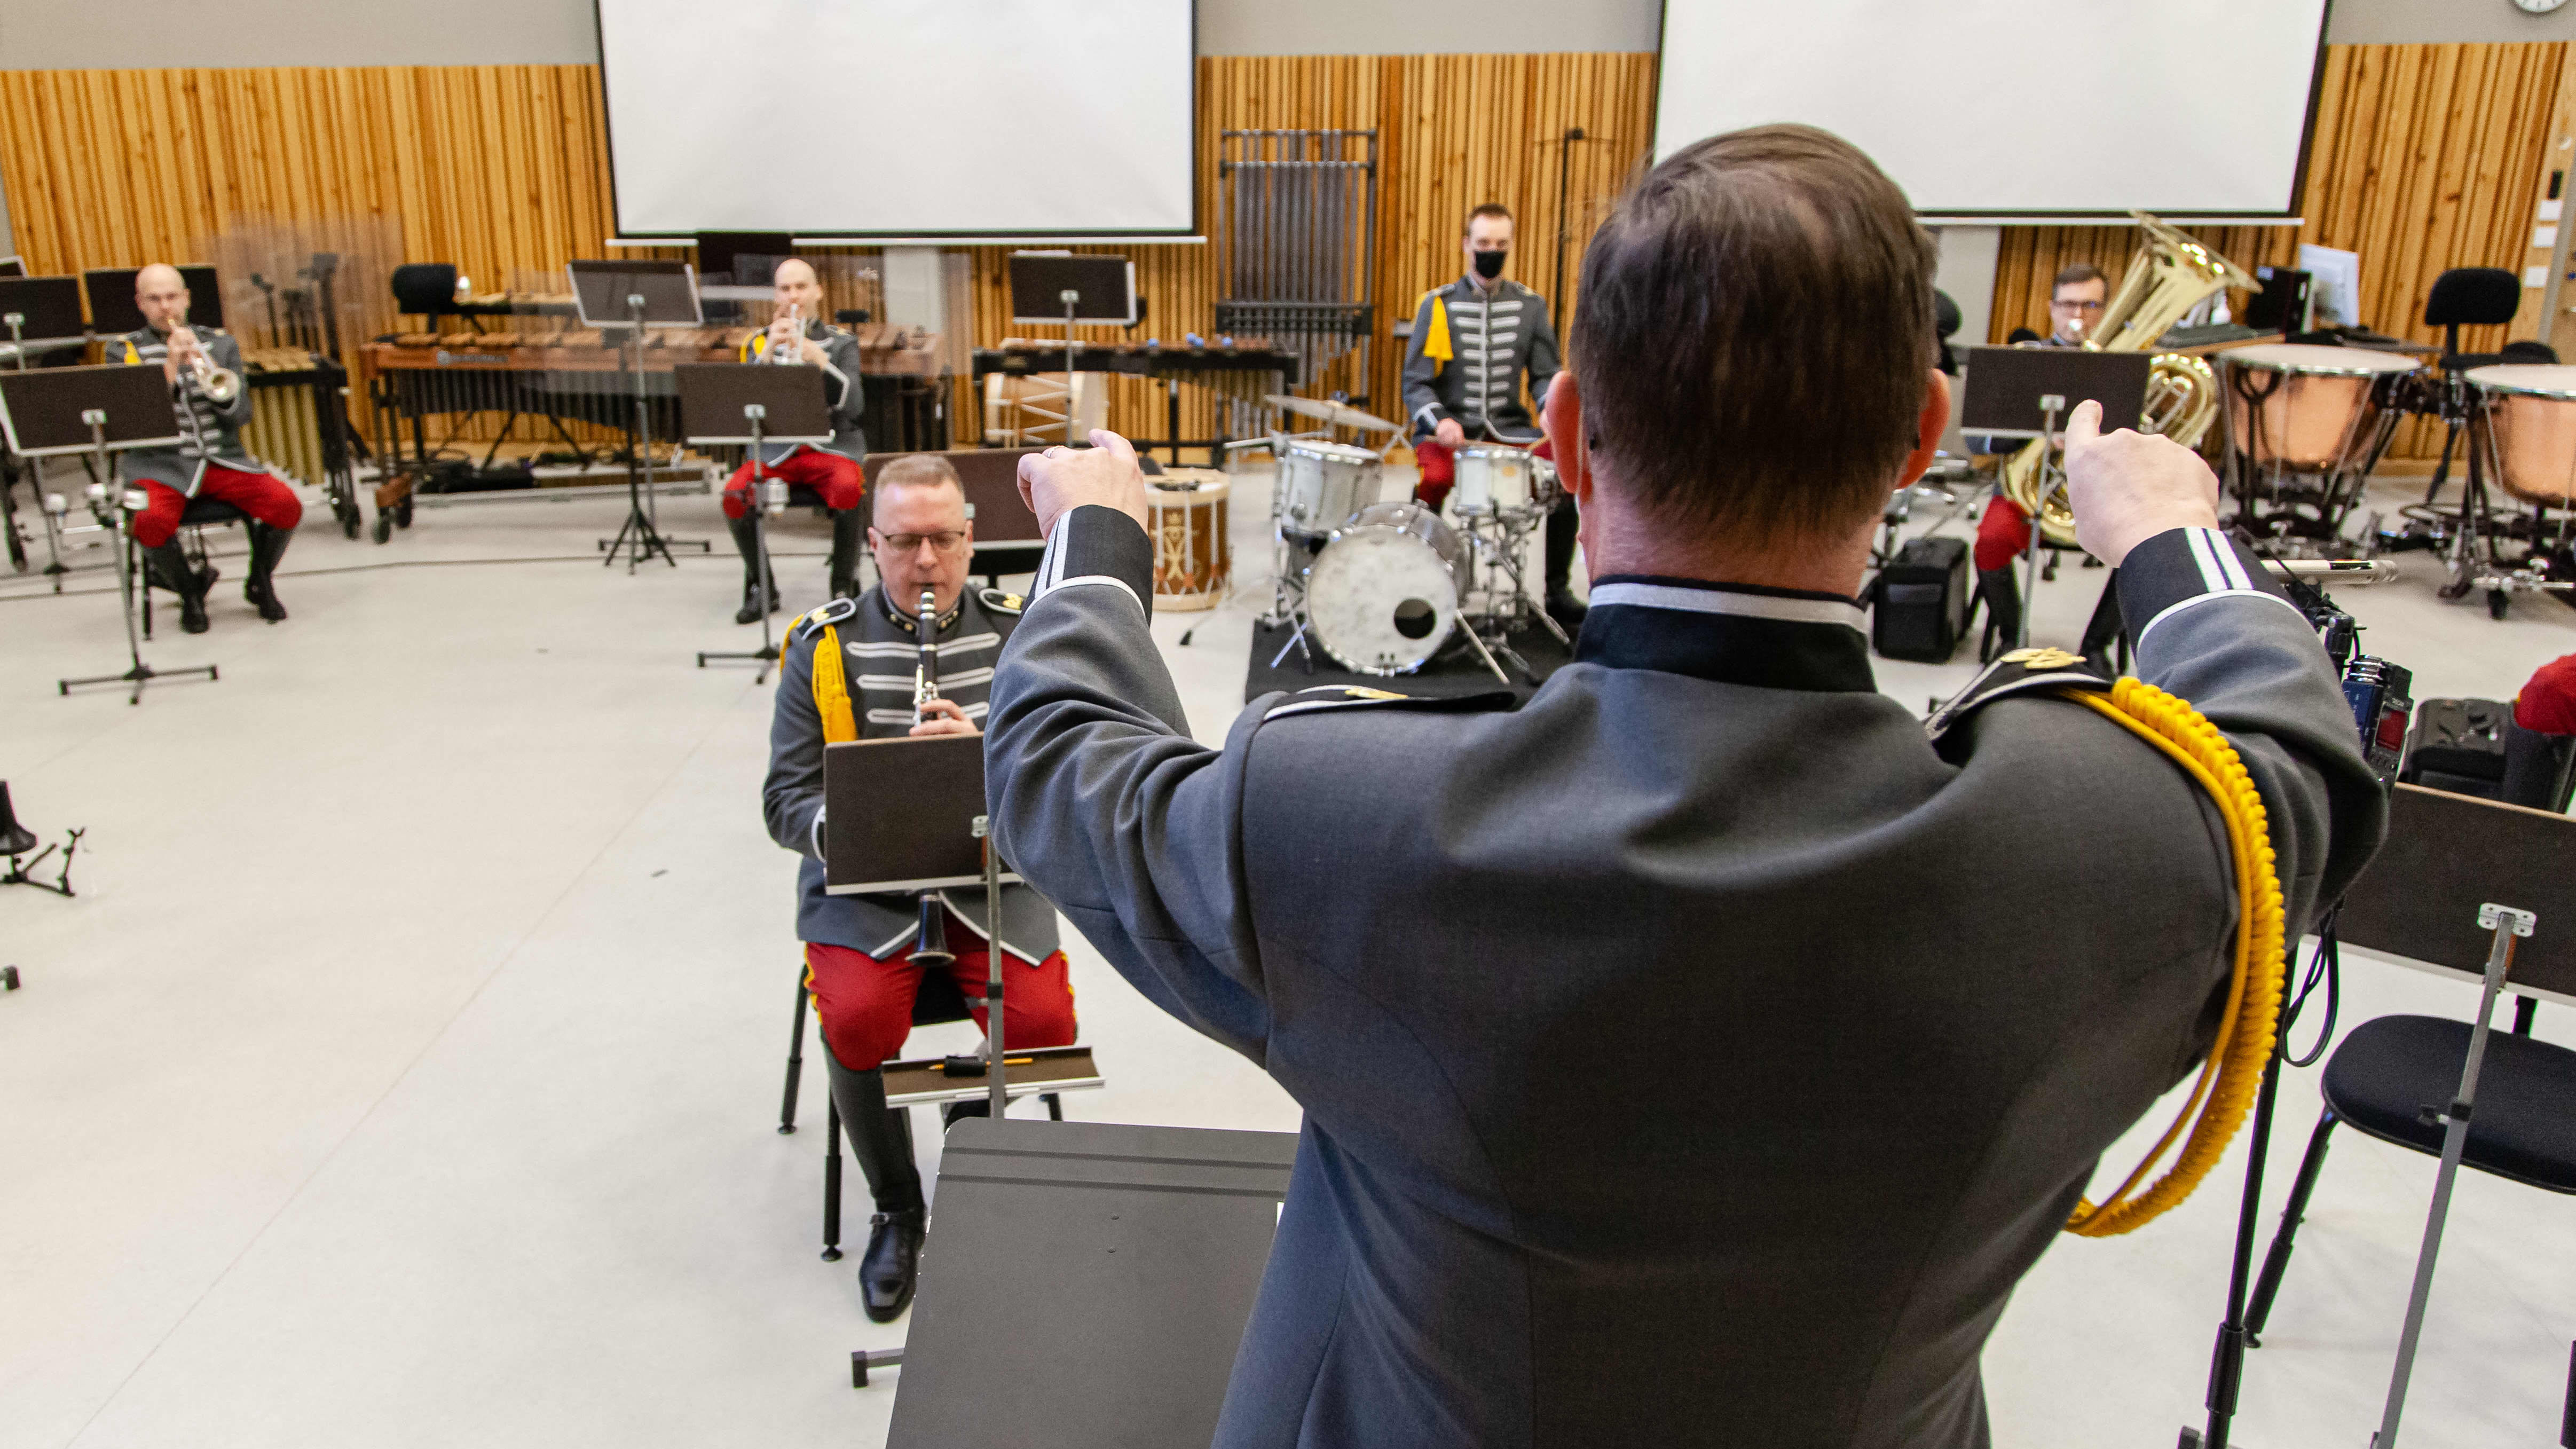 Rakuunasoittokunta harjoittelemassa Lappeenrannan maasotakoululla 4.2.2021. Musiikkimajuri Tomi Väisänen johtaa soittoa.